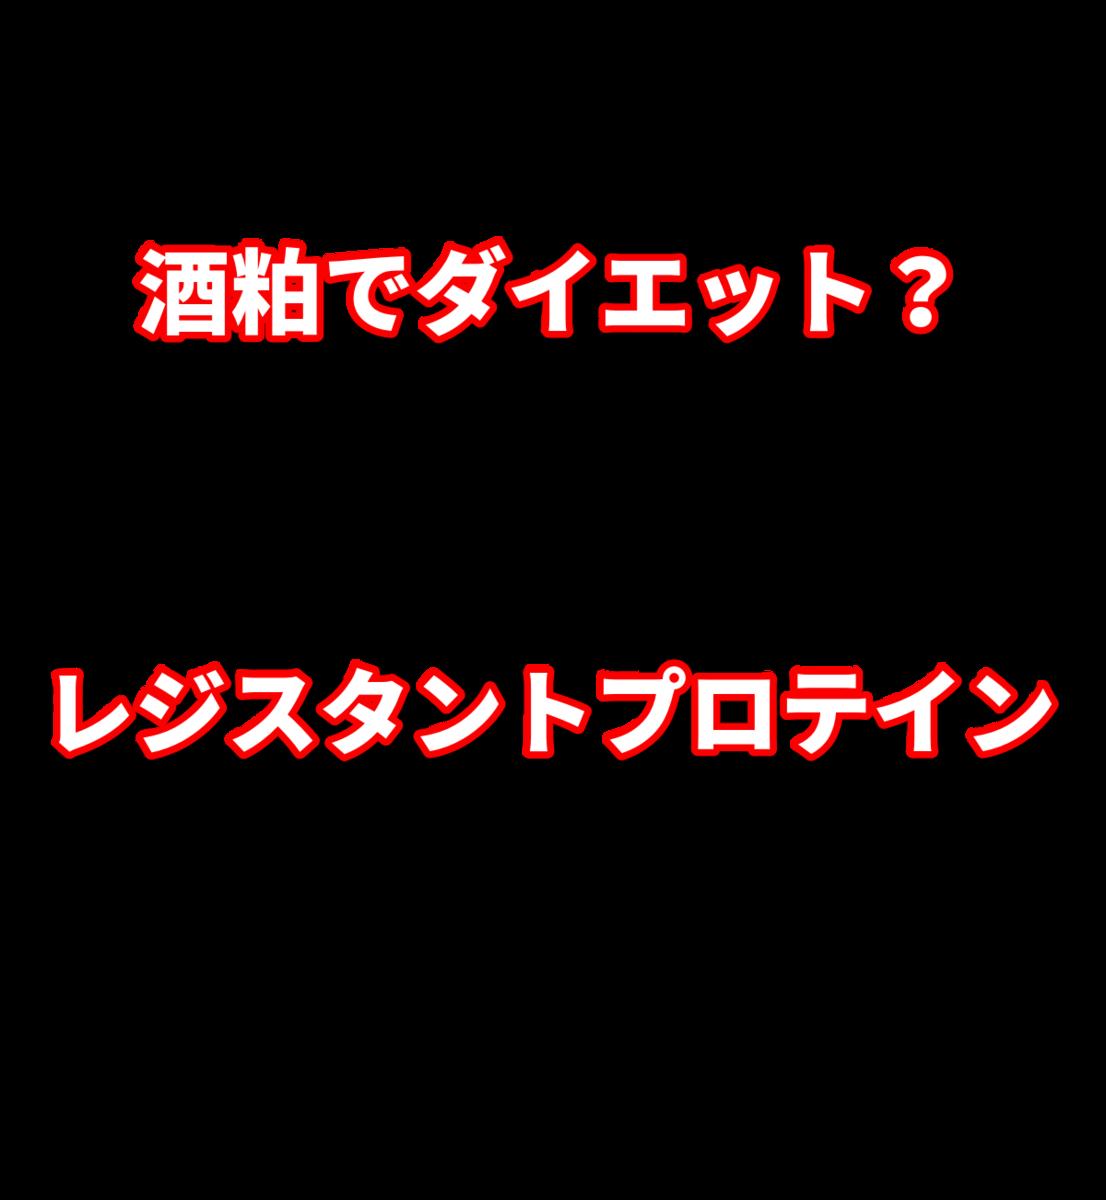 f:id:take5maroon5:20200426144602p:plain